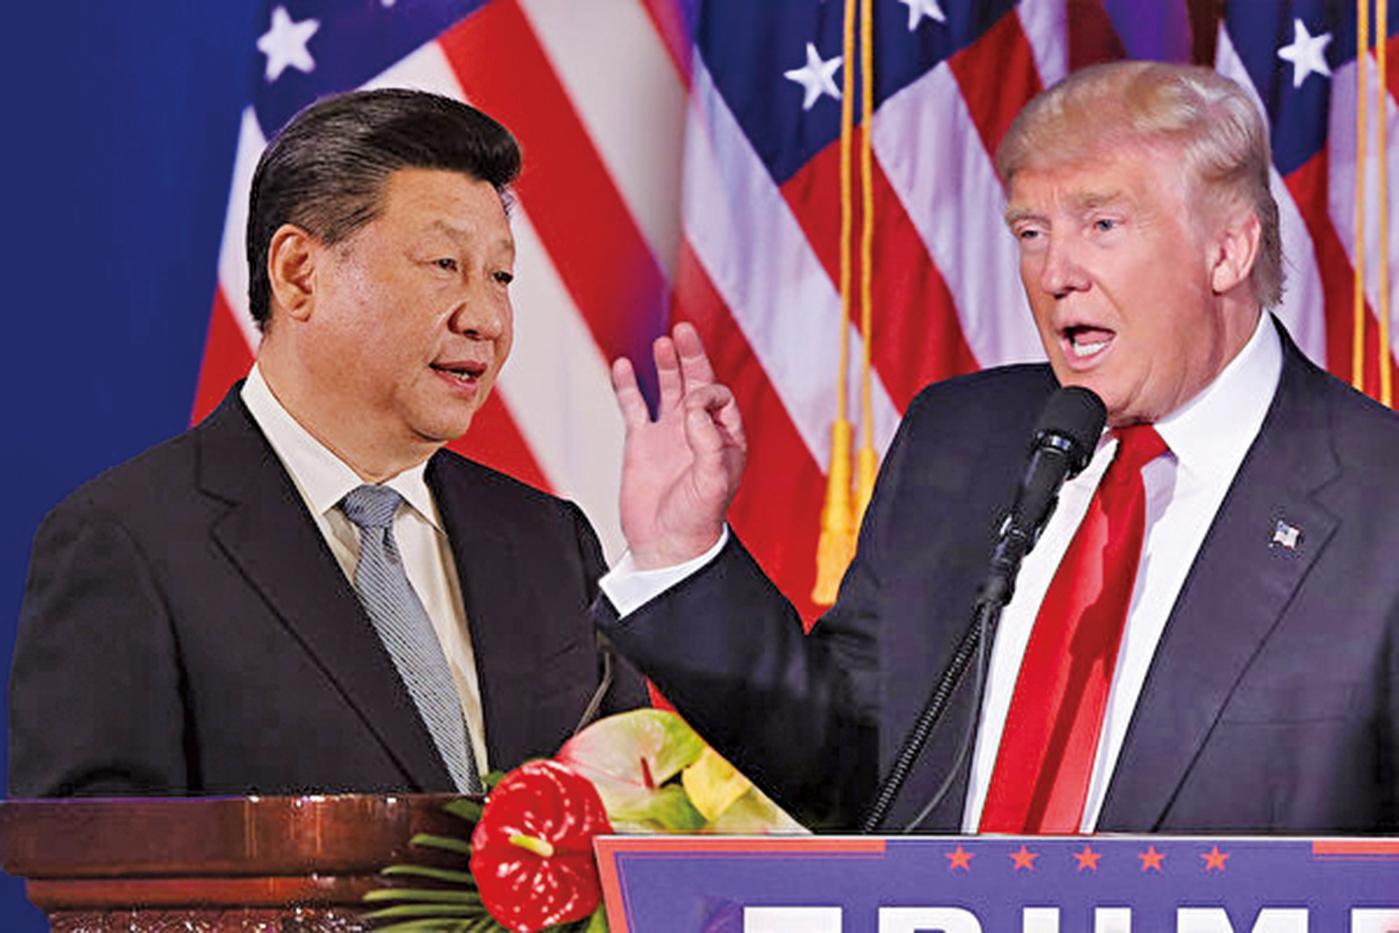 在朝鮮半島的問題上,美國與中國的利益相似,即北韓不能被南韓吞併及朝鮮半島無核化。圖為中共國家領導人習近平(左)及美國總統特朗普(右)。